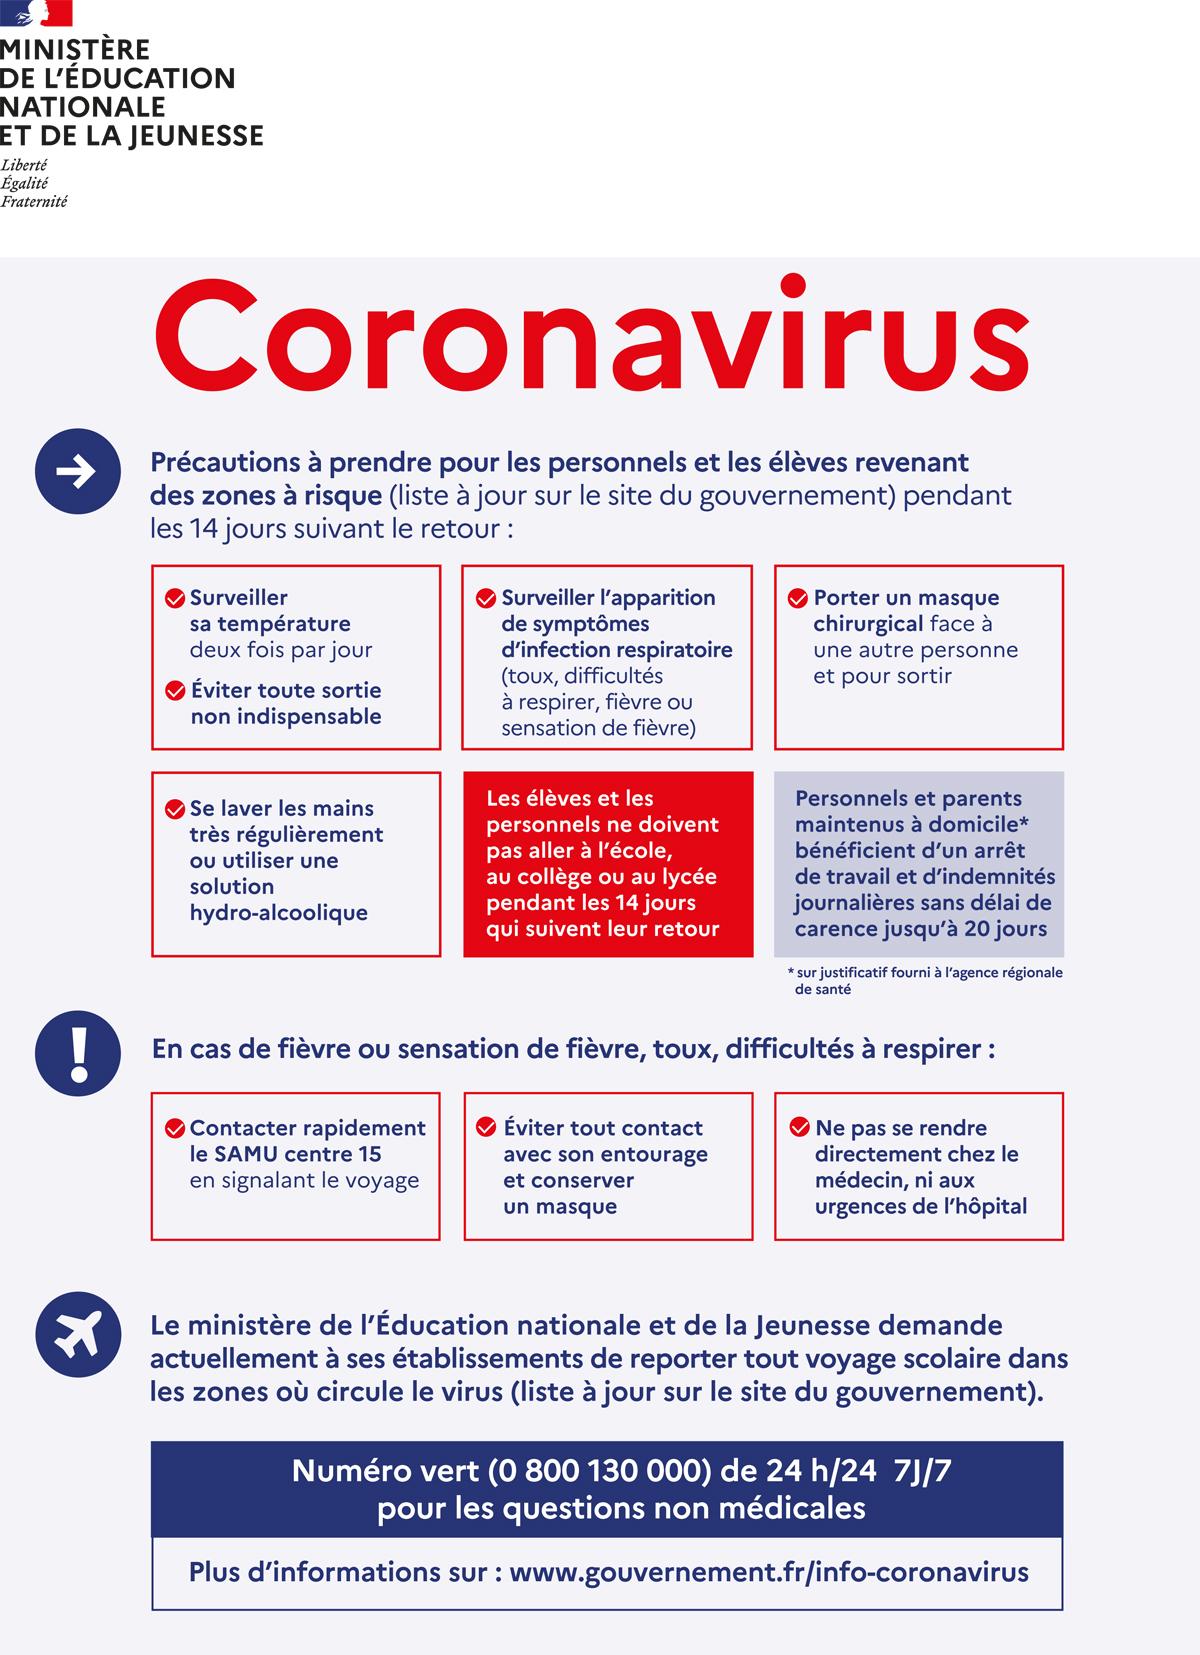 Gestion de la crise du Coronavirus dans l'Education Nationale - Page 6 Coronavirus-48608